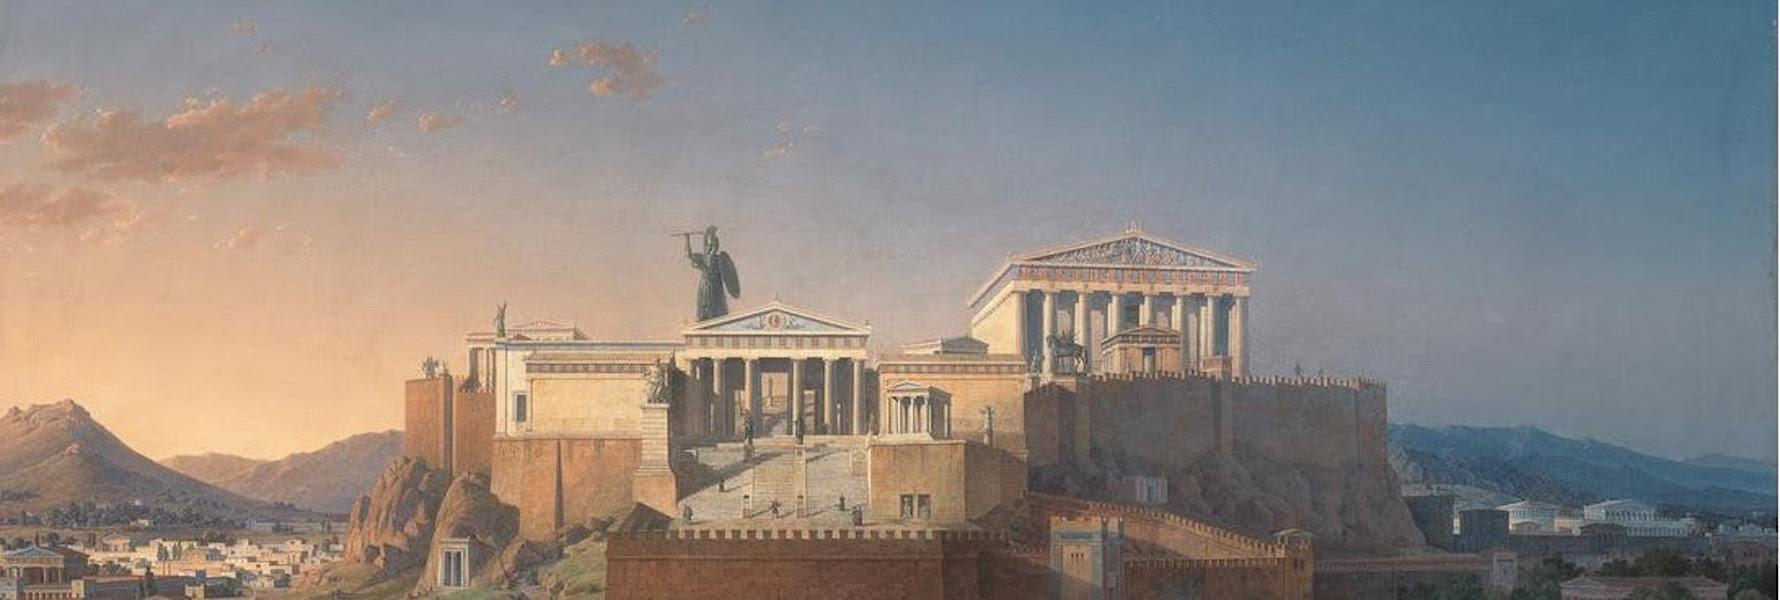 Διάλεξεις στη Μόσχα για την ιστορία της αρχαίας Ελλάδας